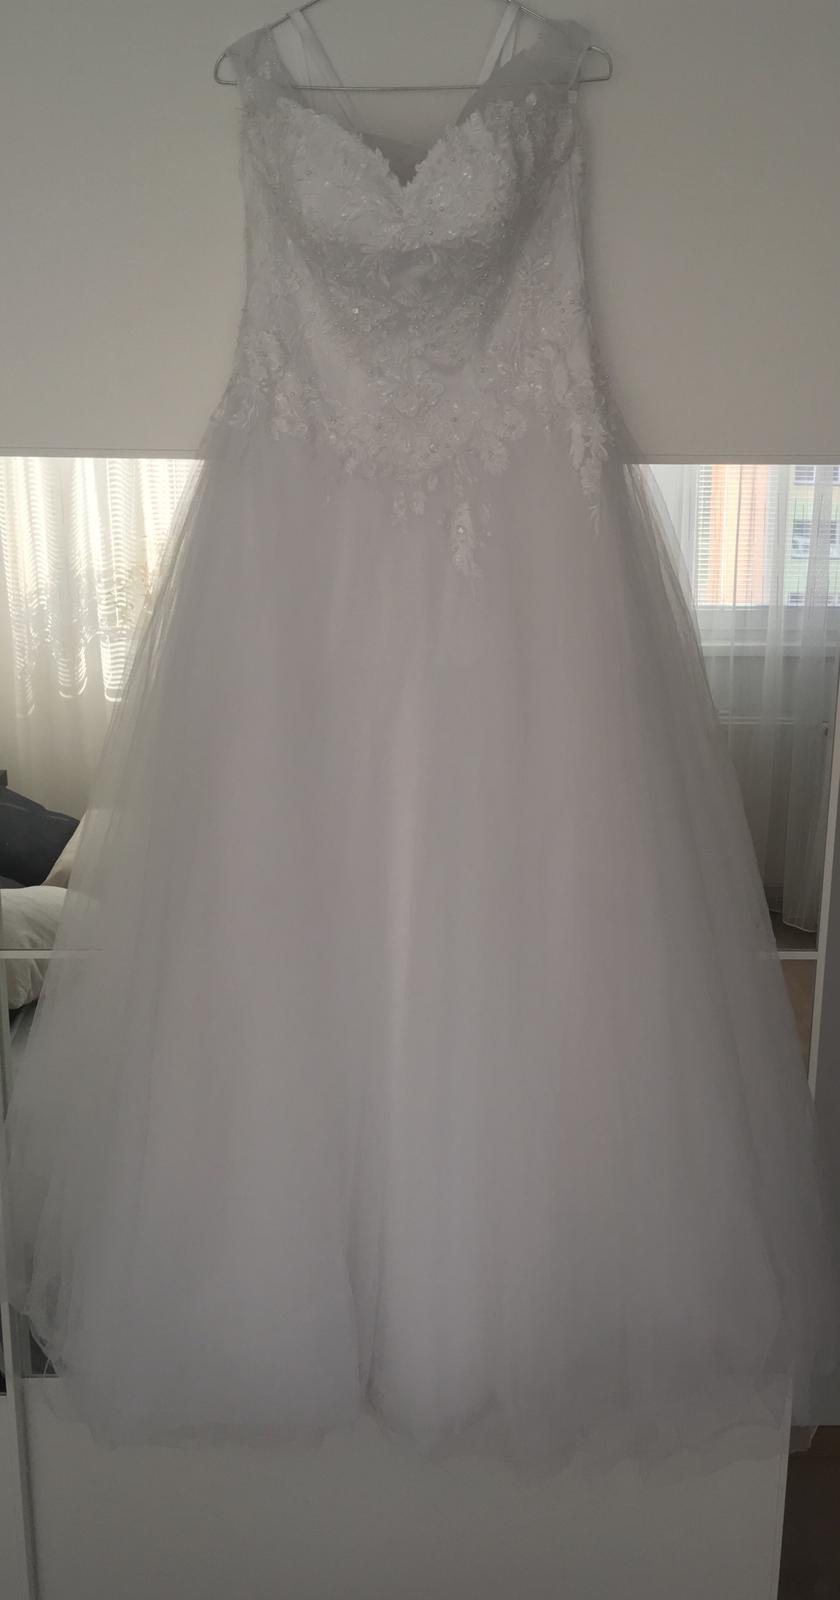 Svatební saty - Obrázek č. 2